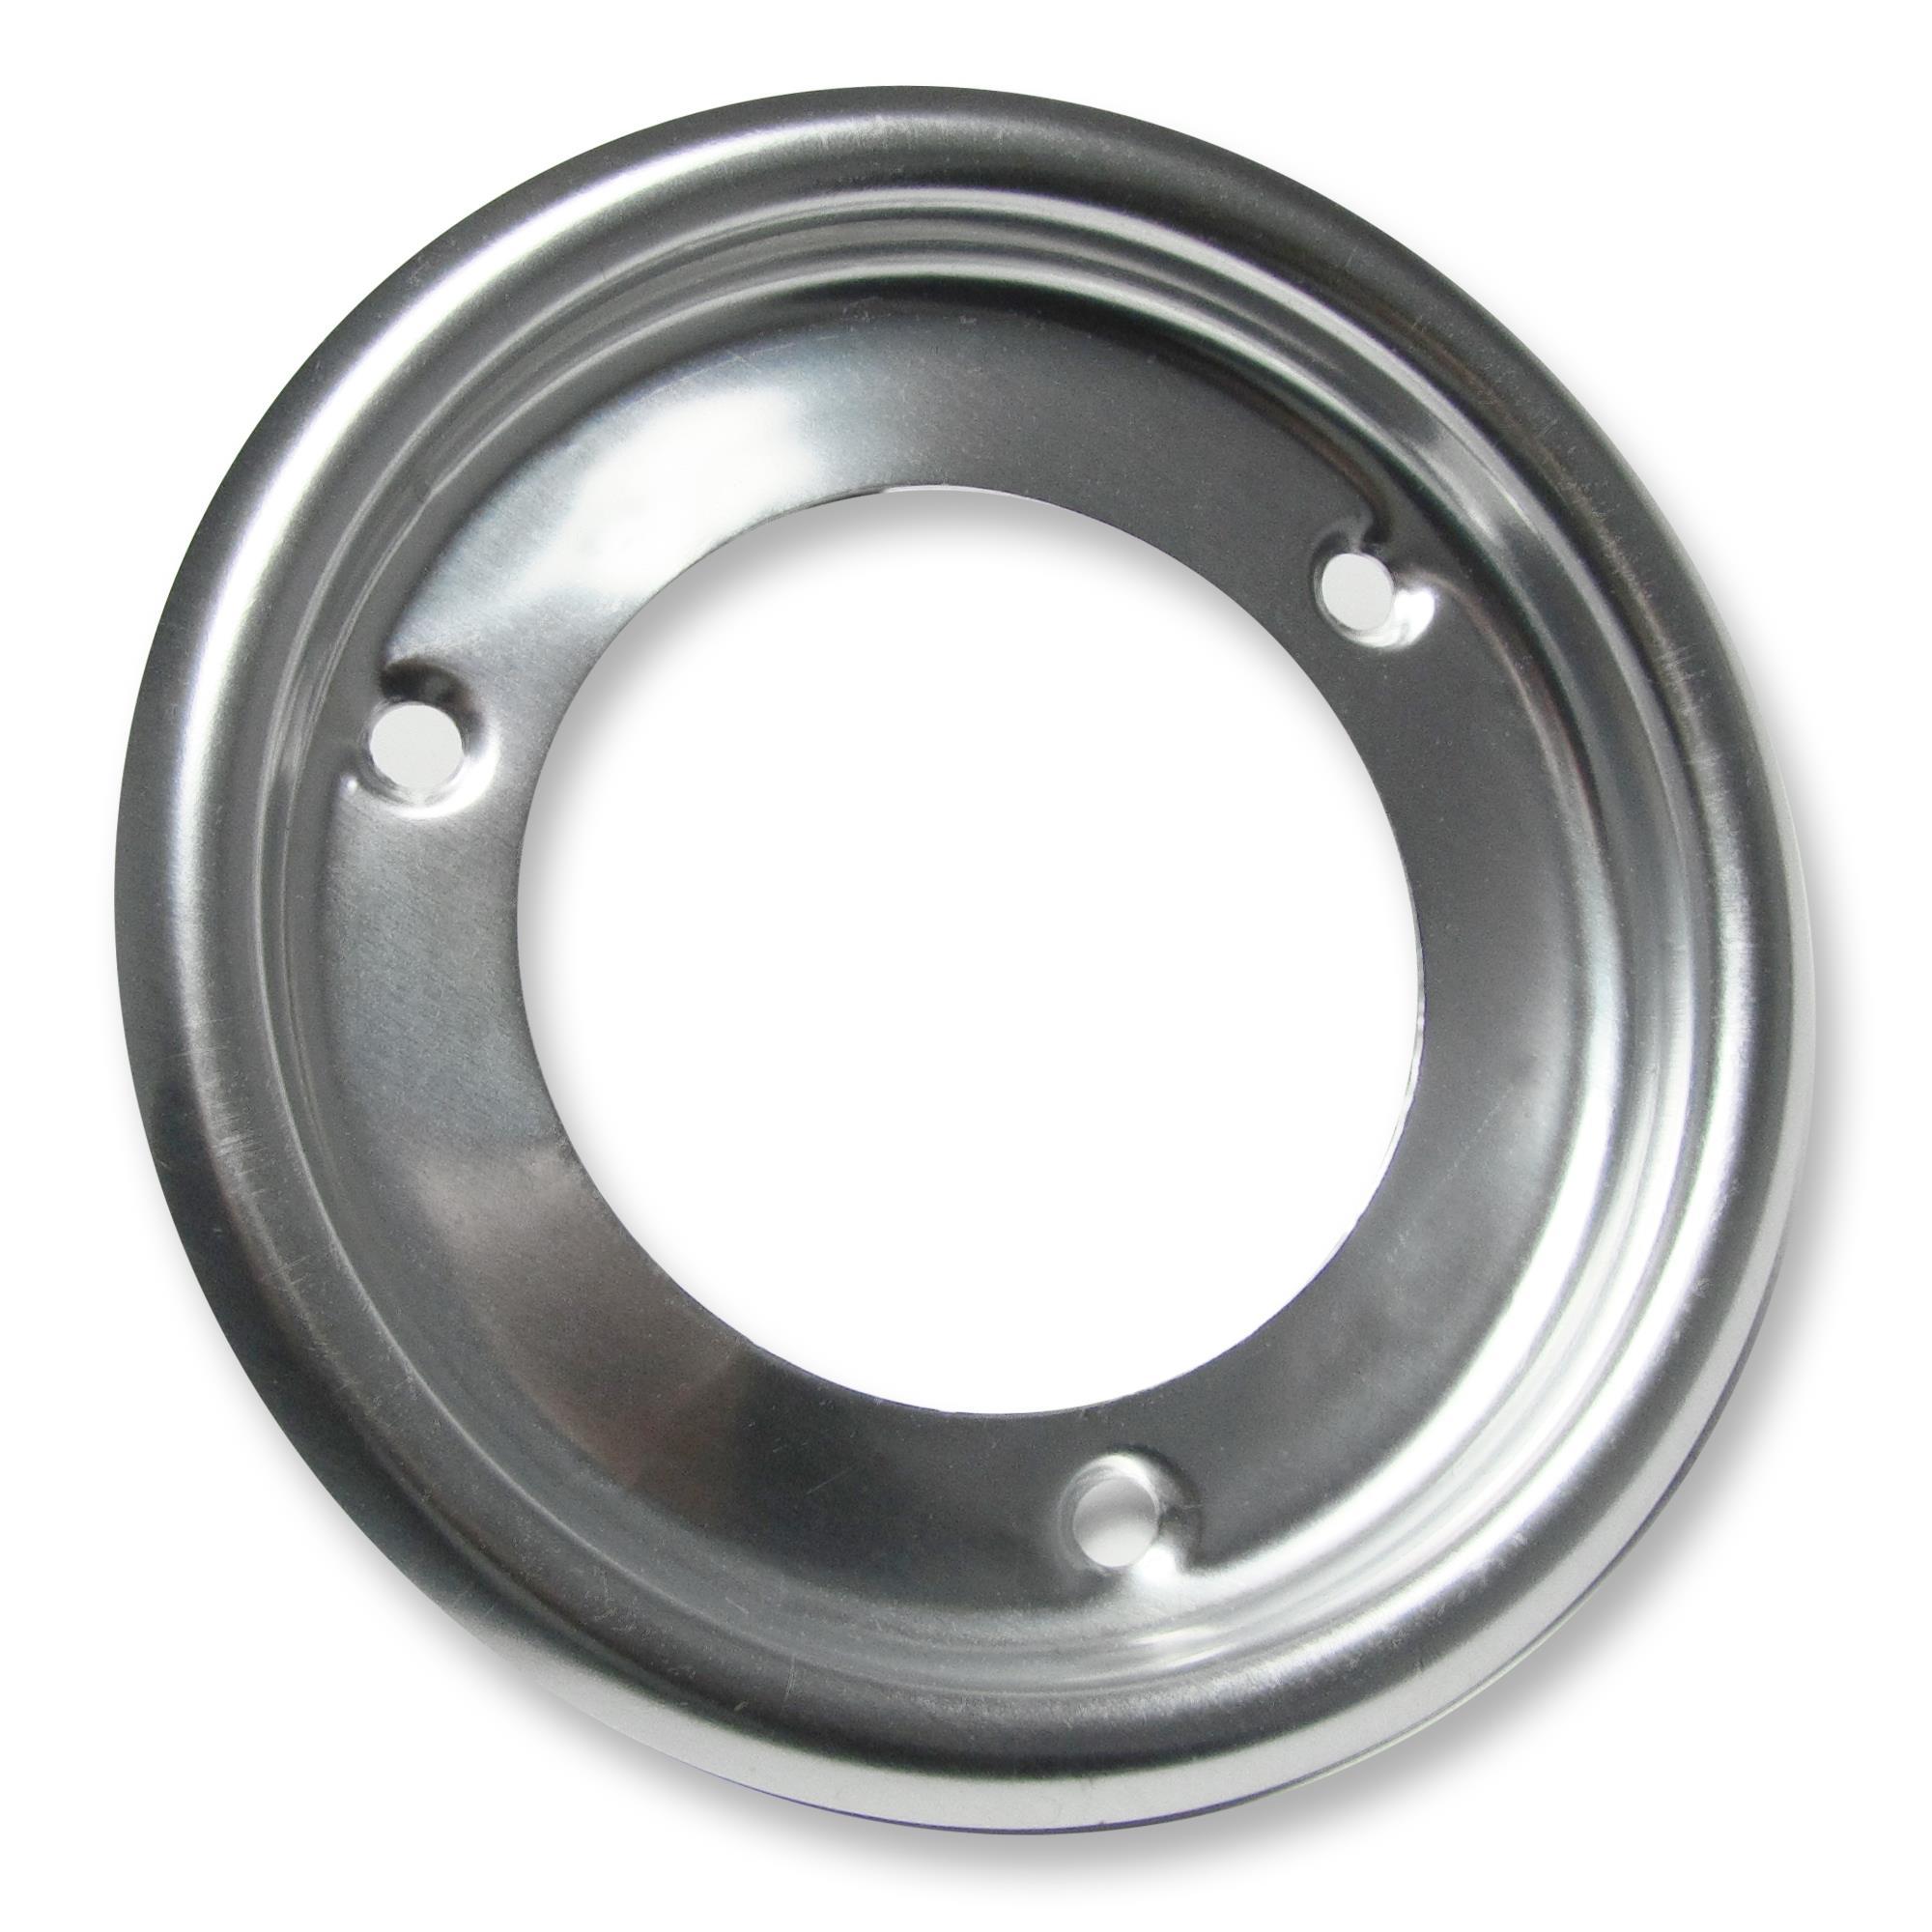 Obruba pro víčko nádrže hliníkové (Opel Corsa A, Kadett E, VW Golf I)